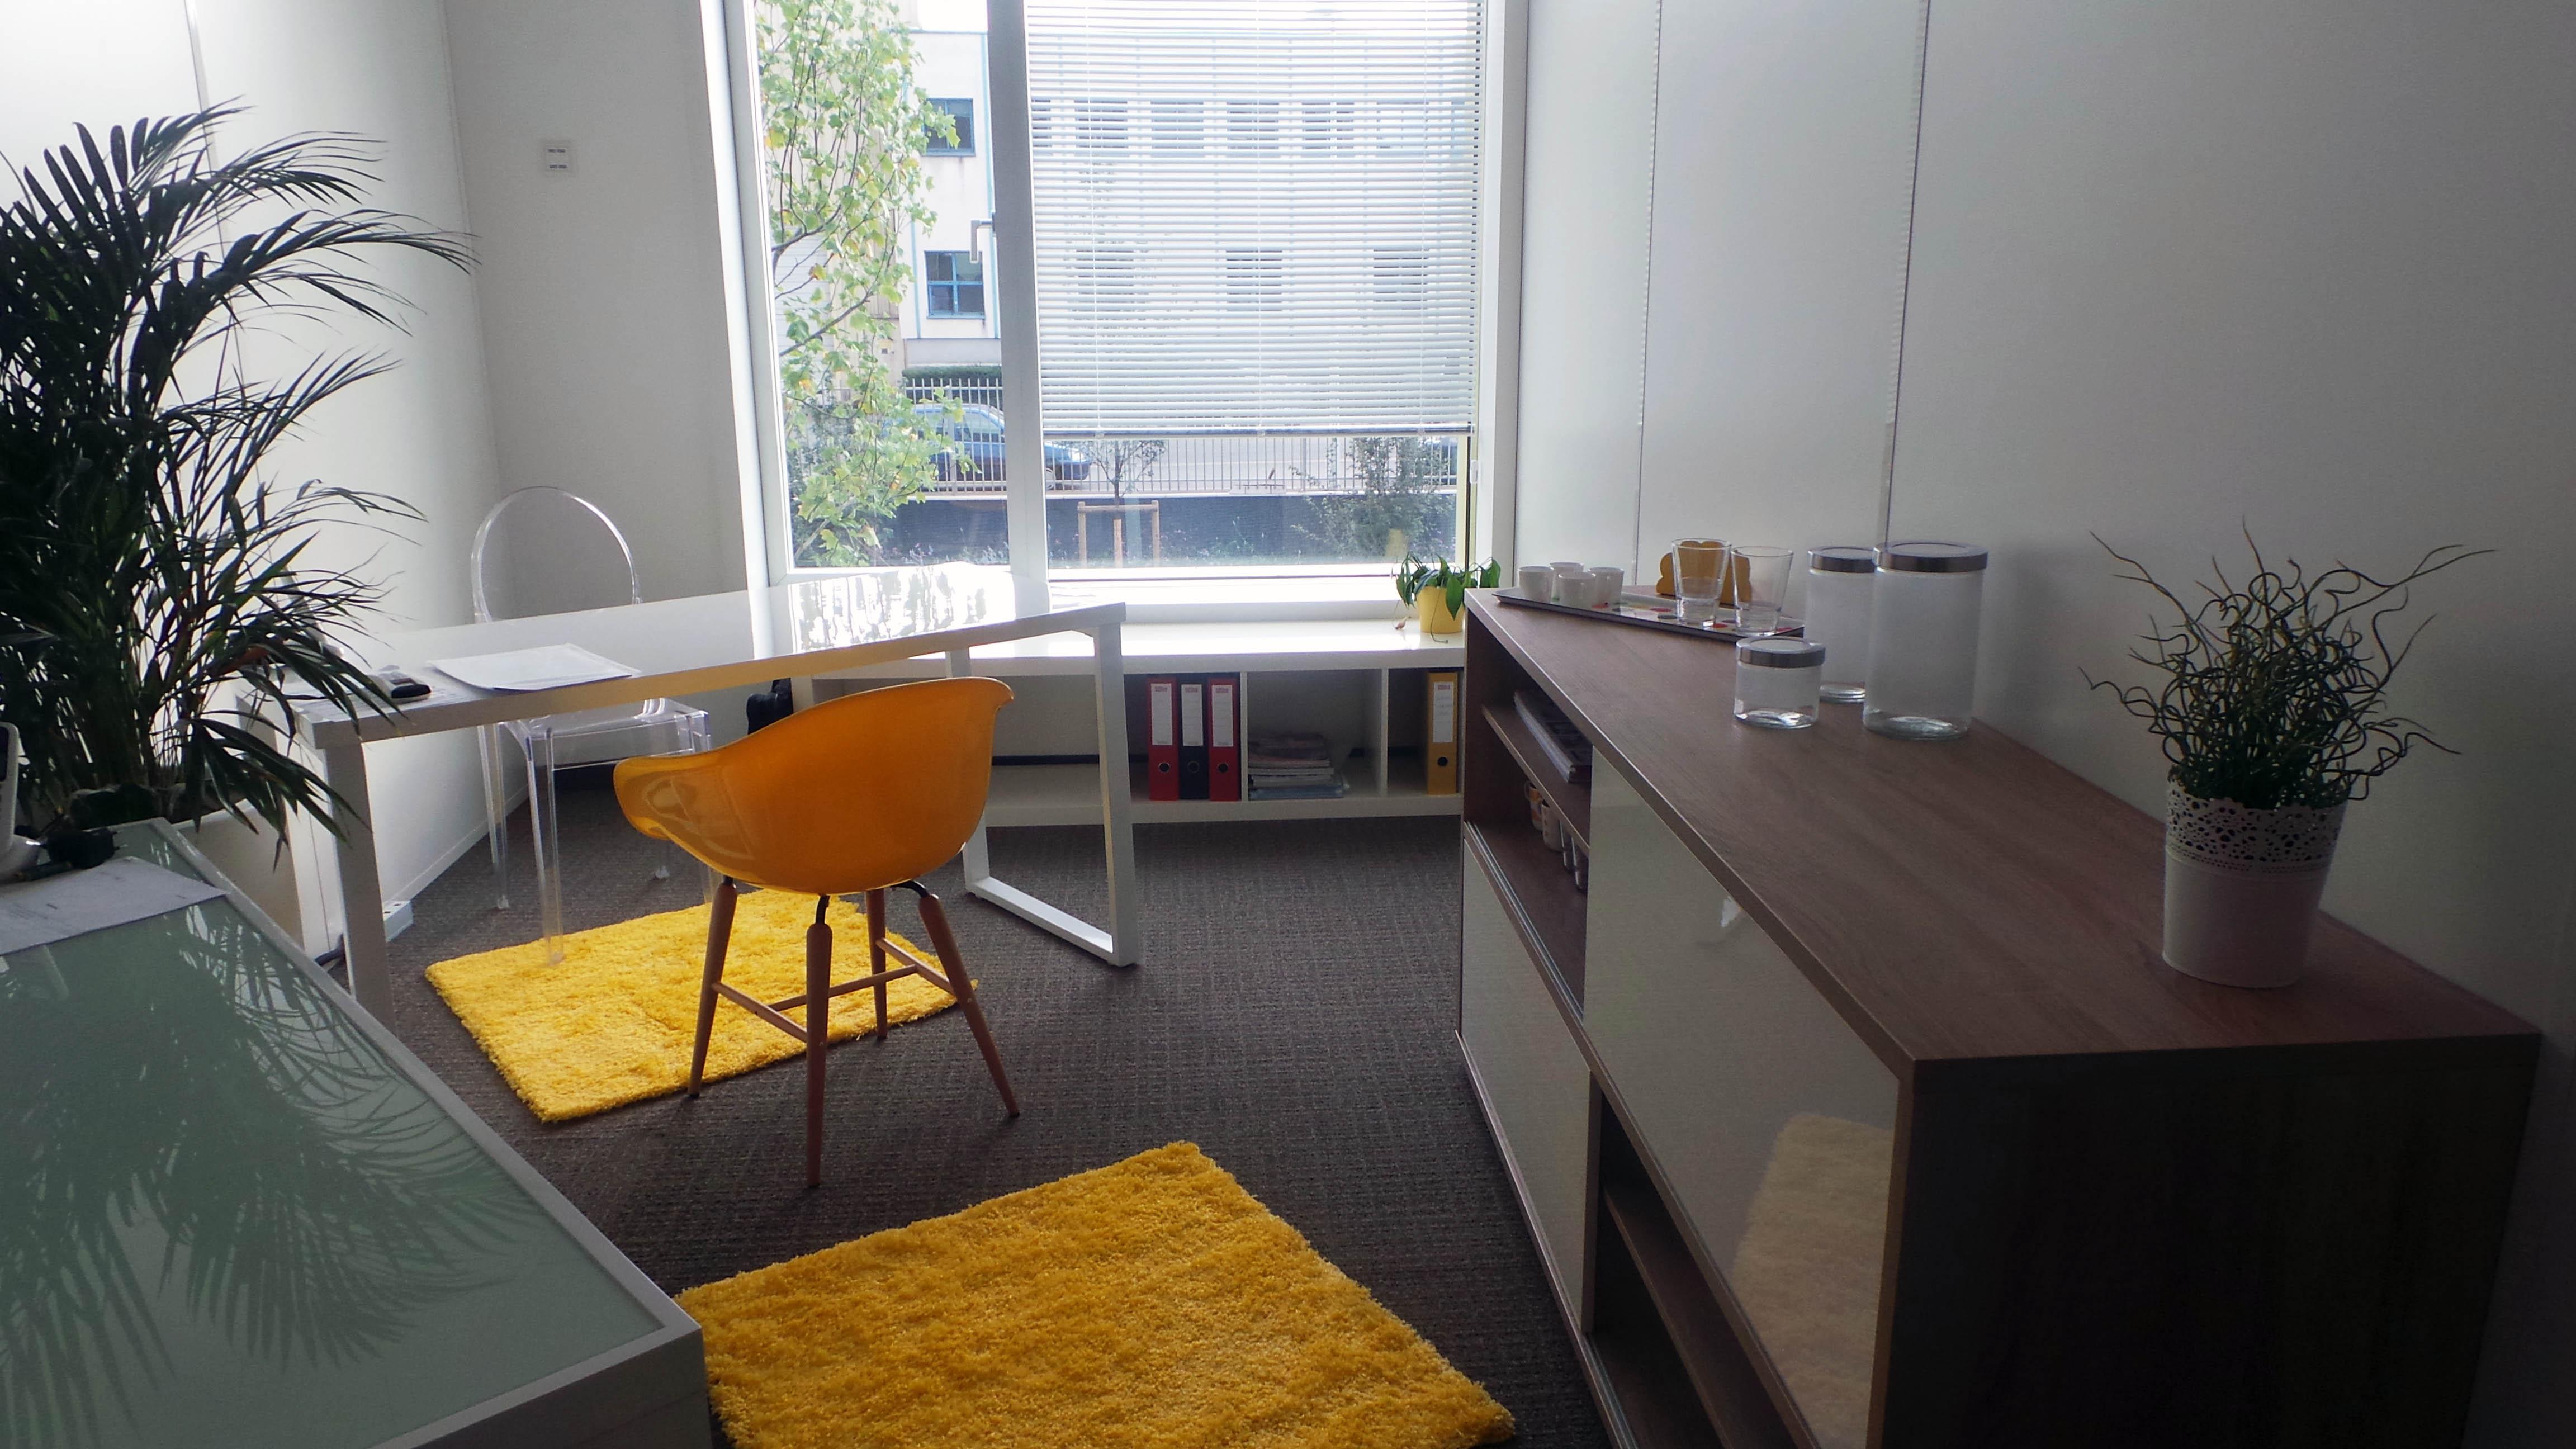 agencement et d coration bureau 15m nanterre aude sweet home. Black Bedroom Furniture Sets. Home Design Ideas